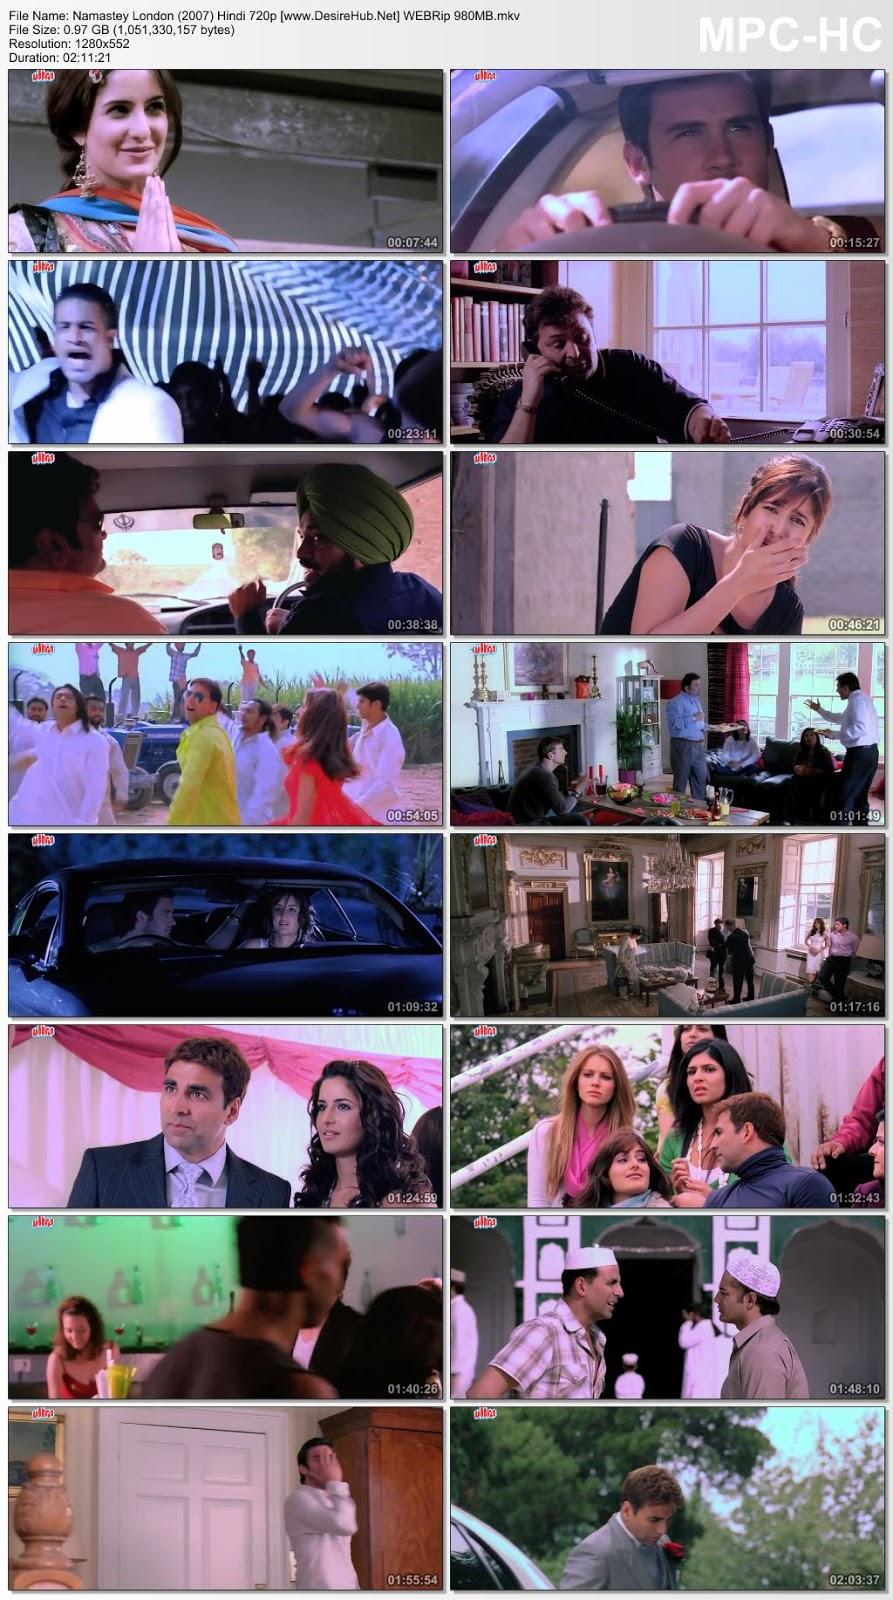 namastey london full movie download 720p